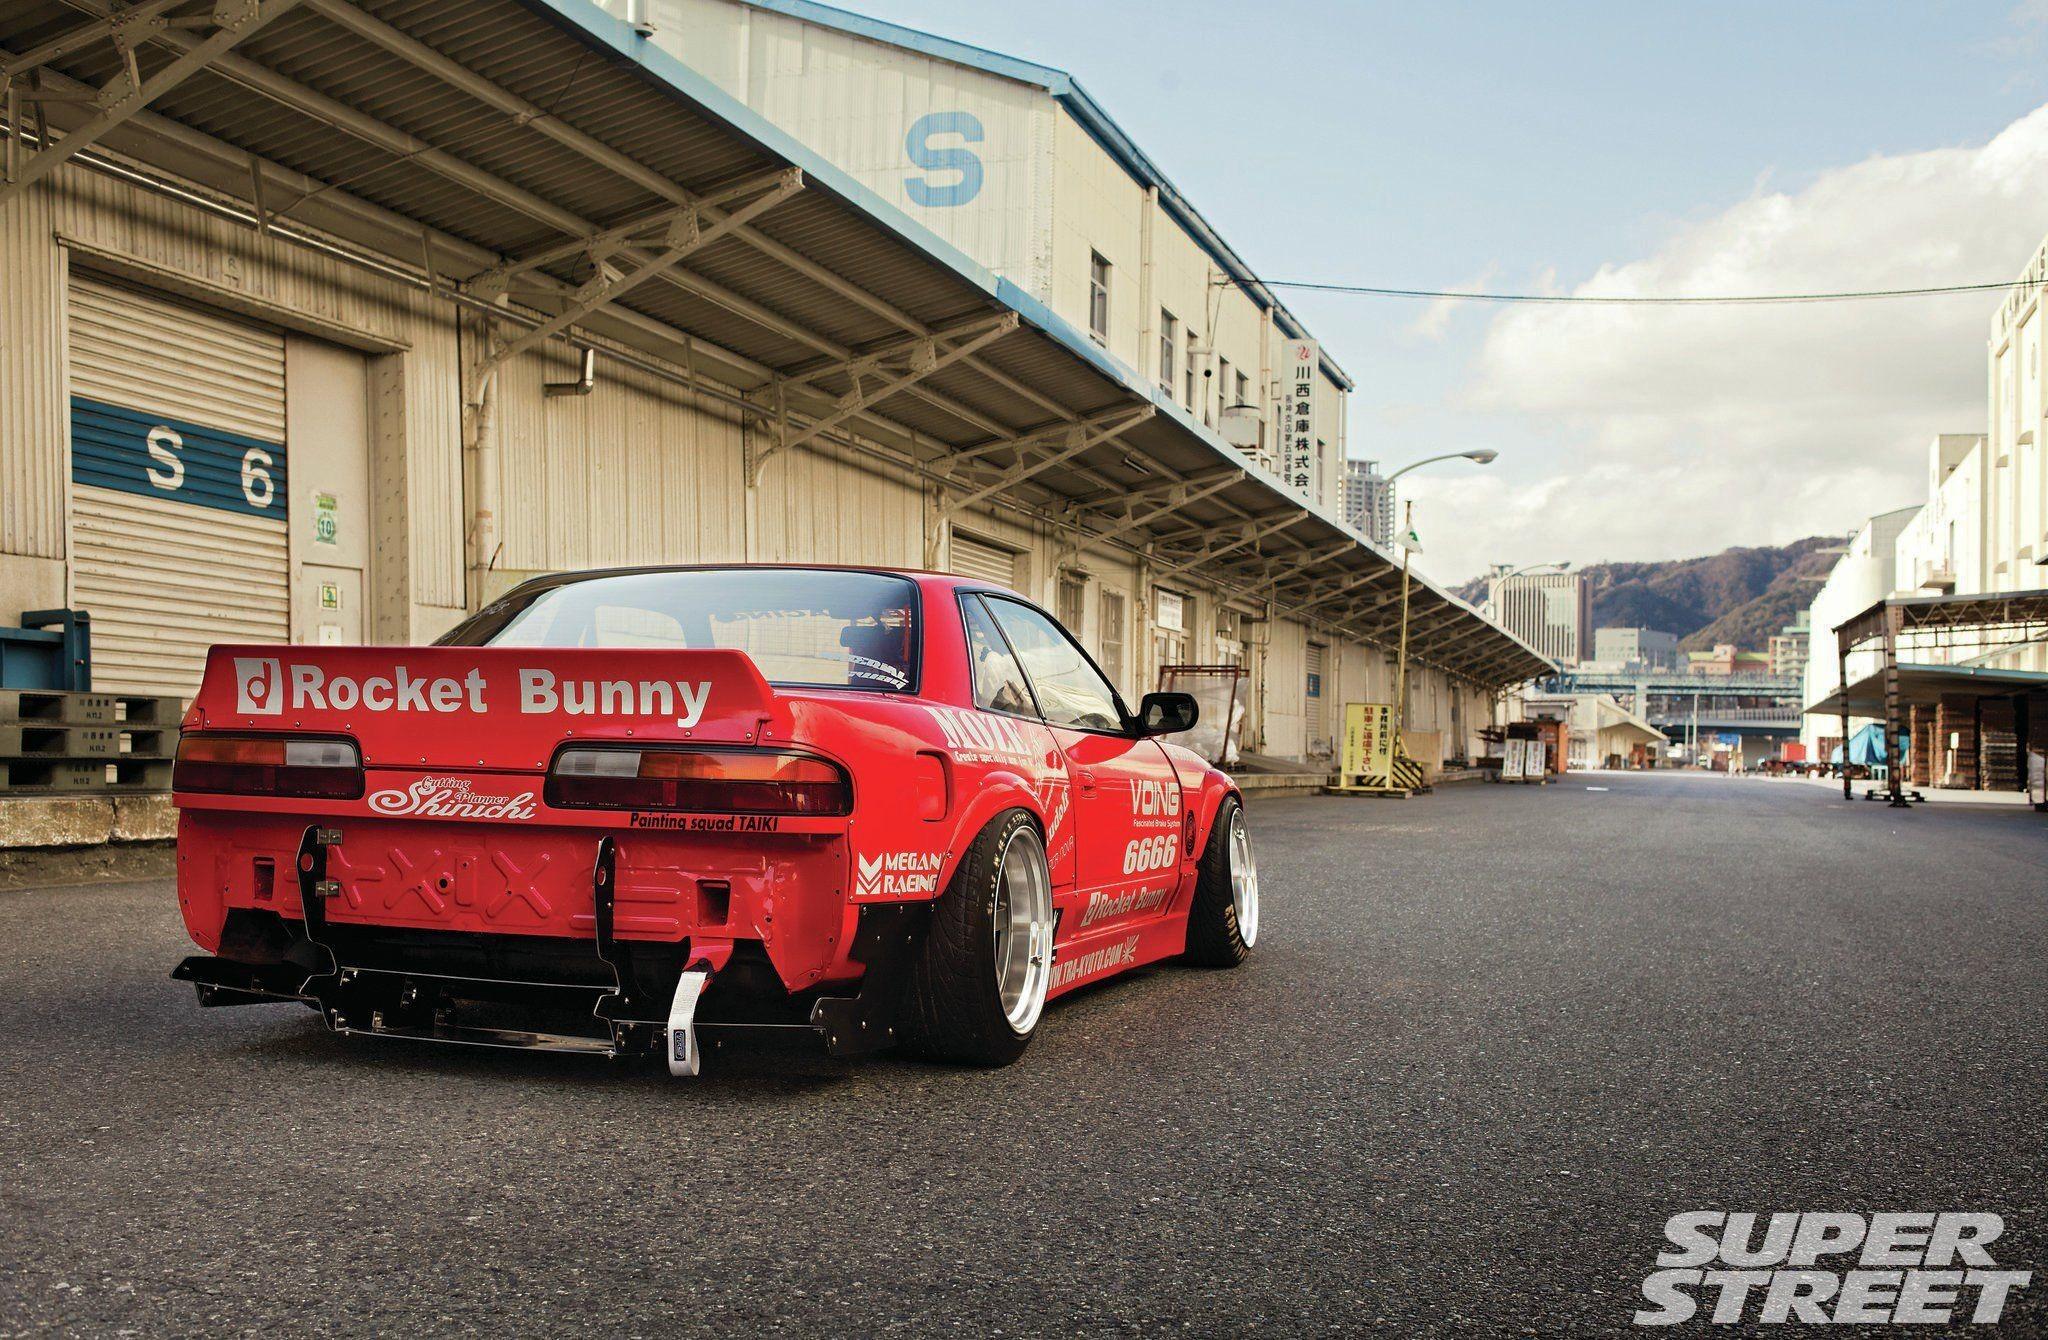 85 Rocket Bunny